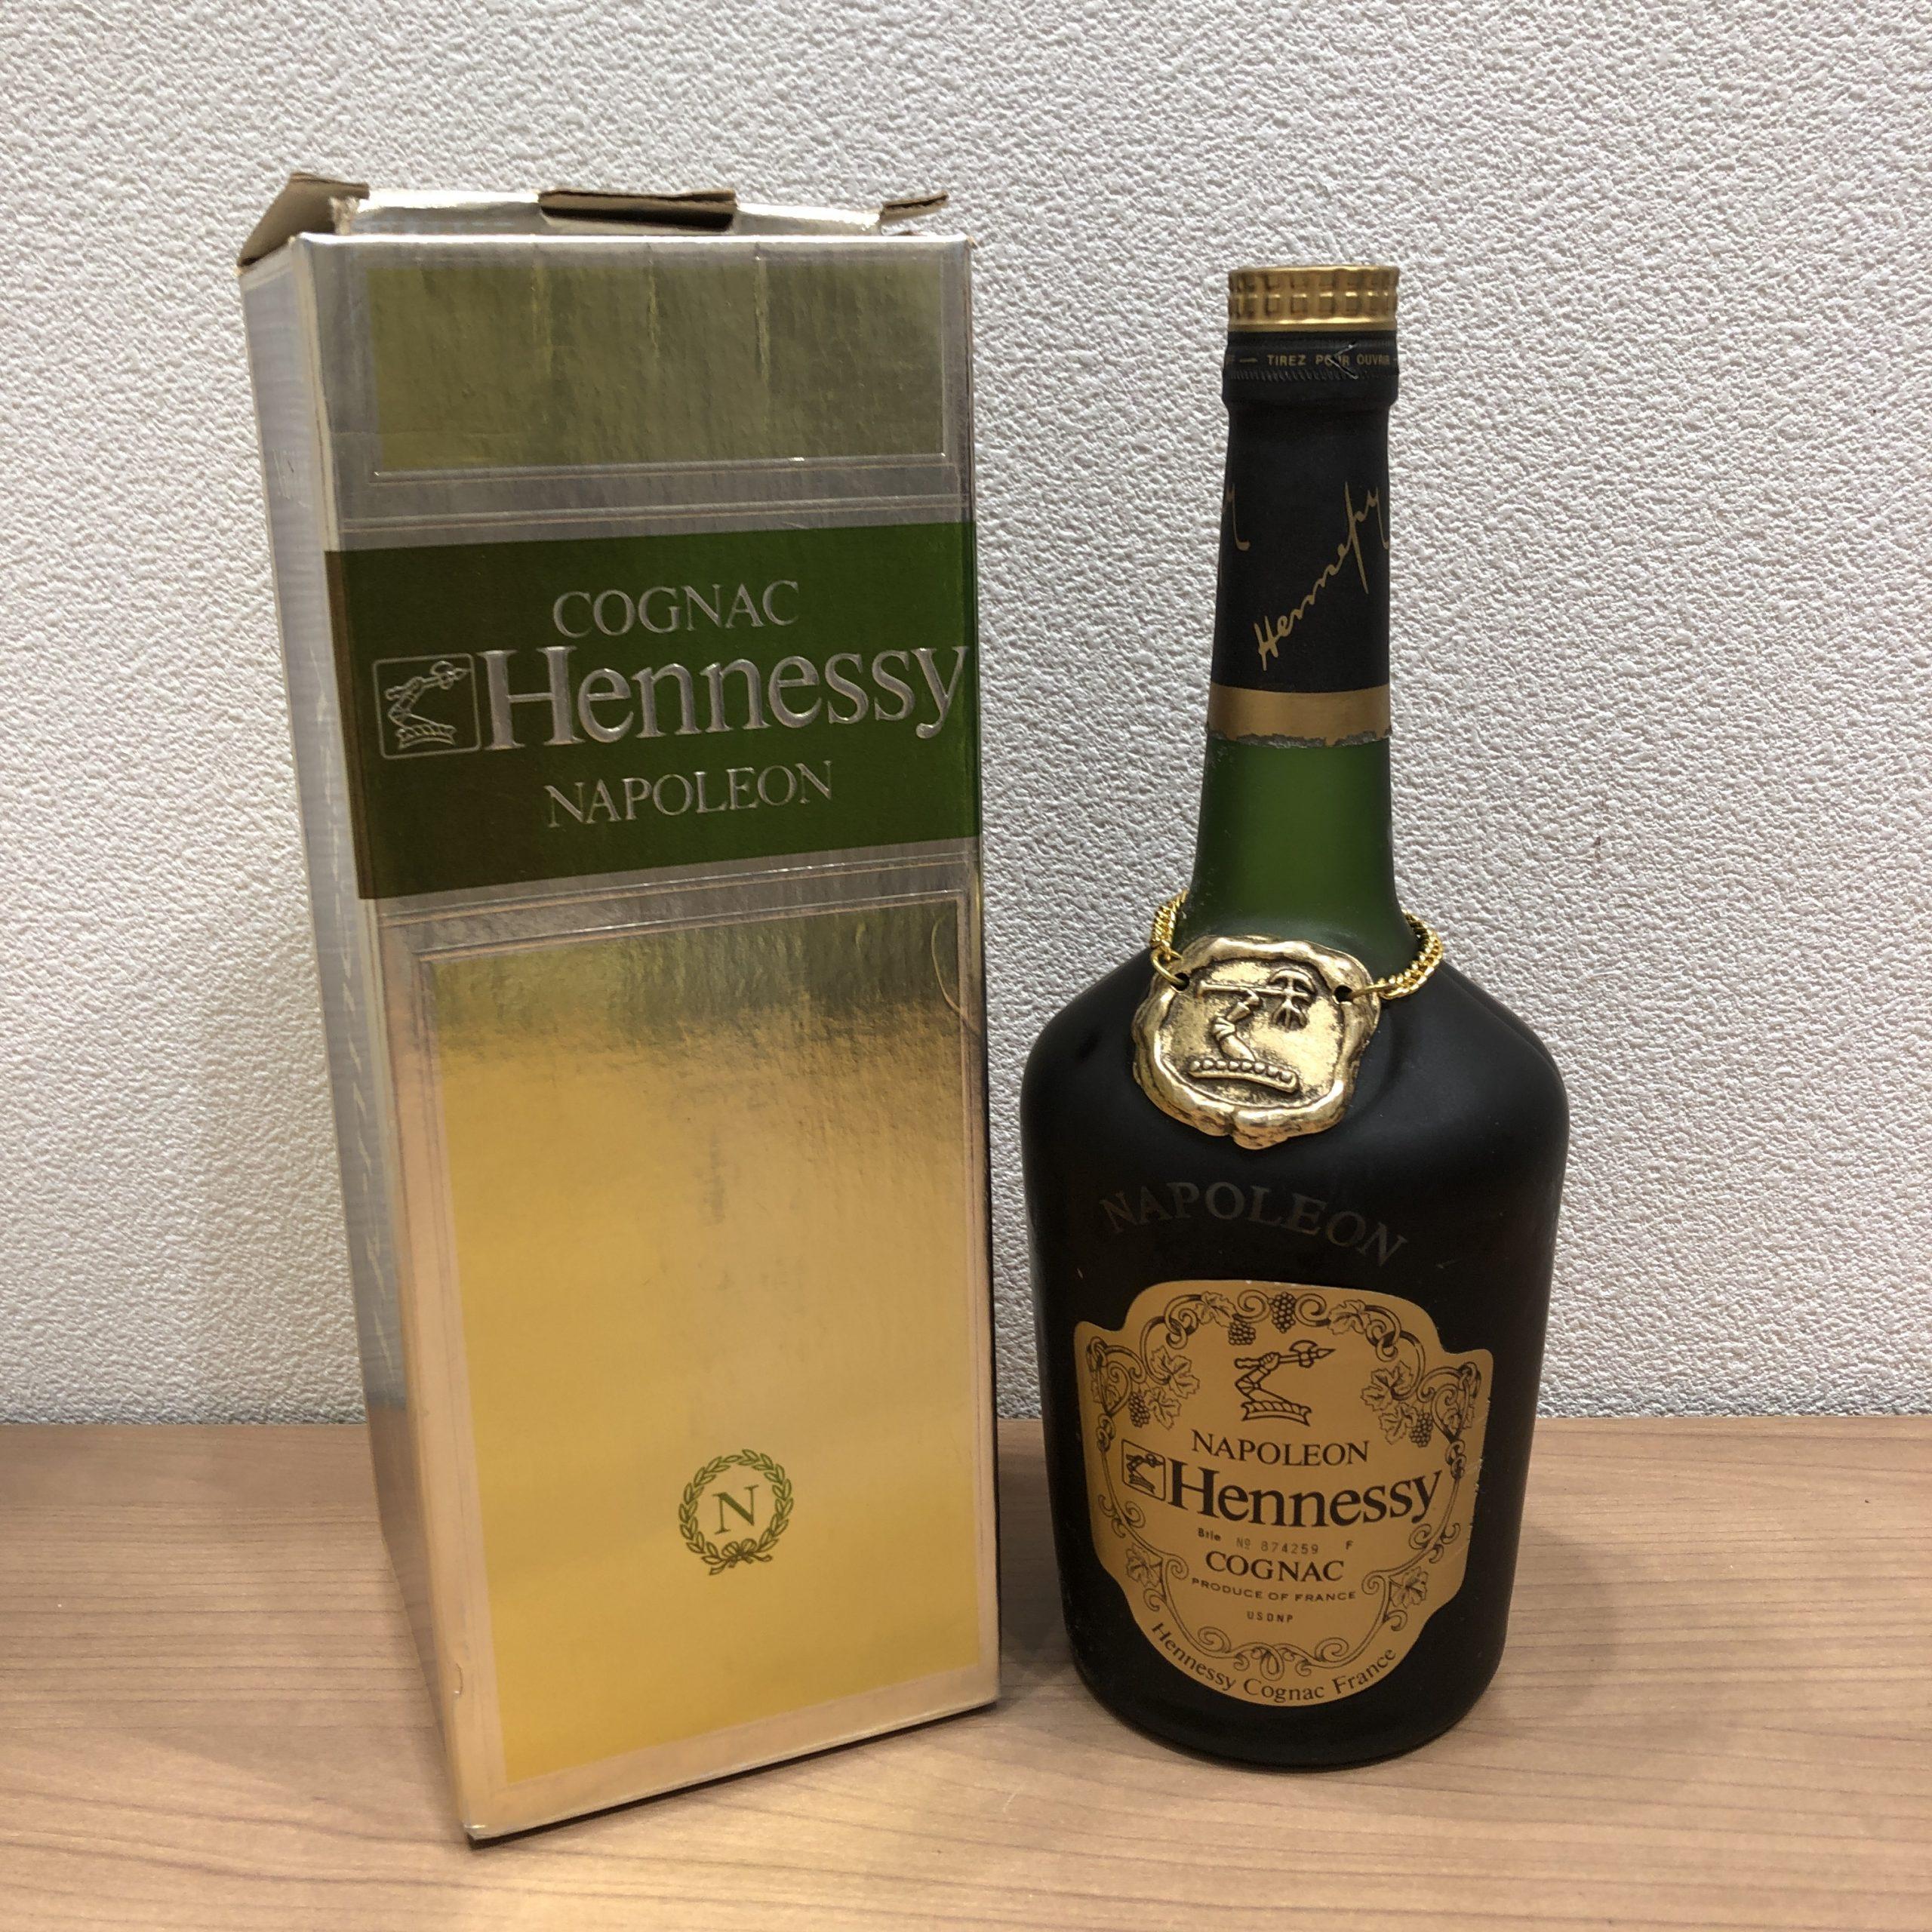 【Hennessy/ヘネシー】ブランデー ナポレオン